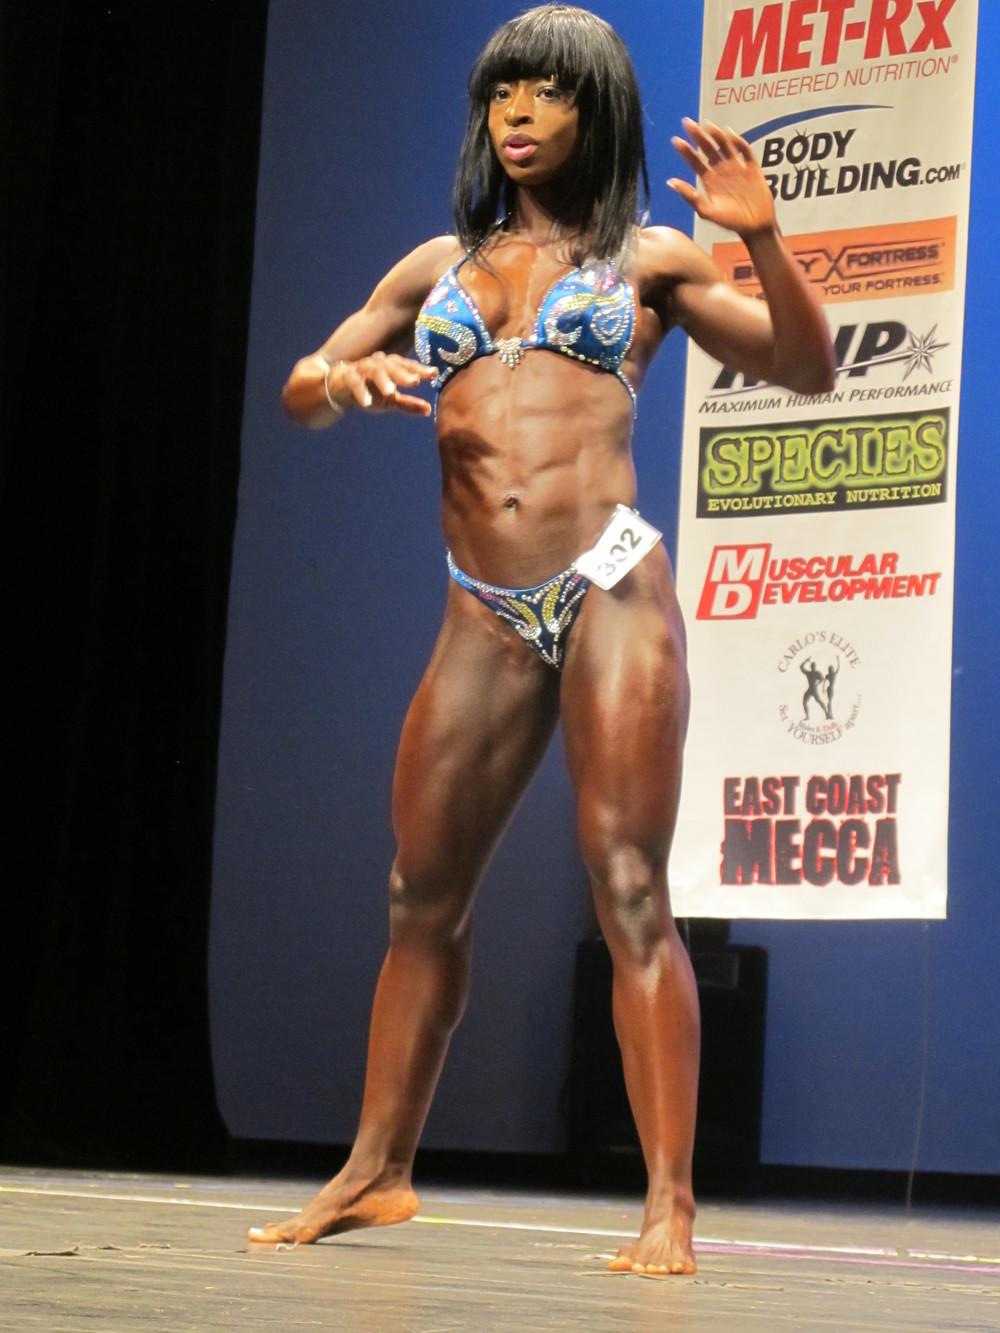 bodybuilding 098.jpg